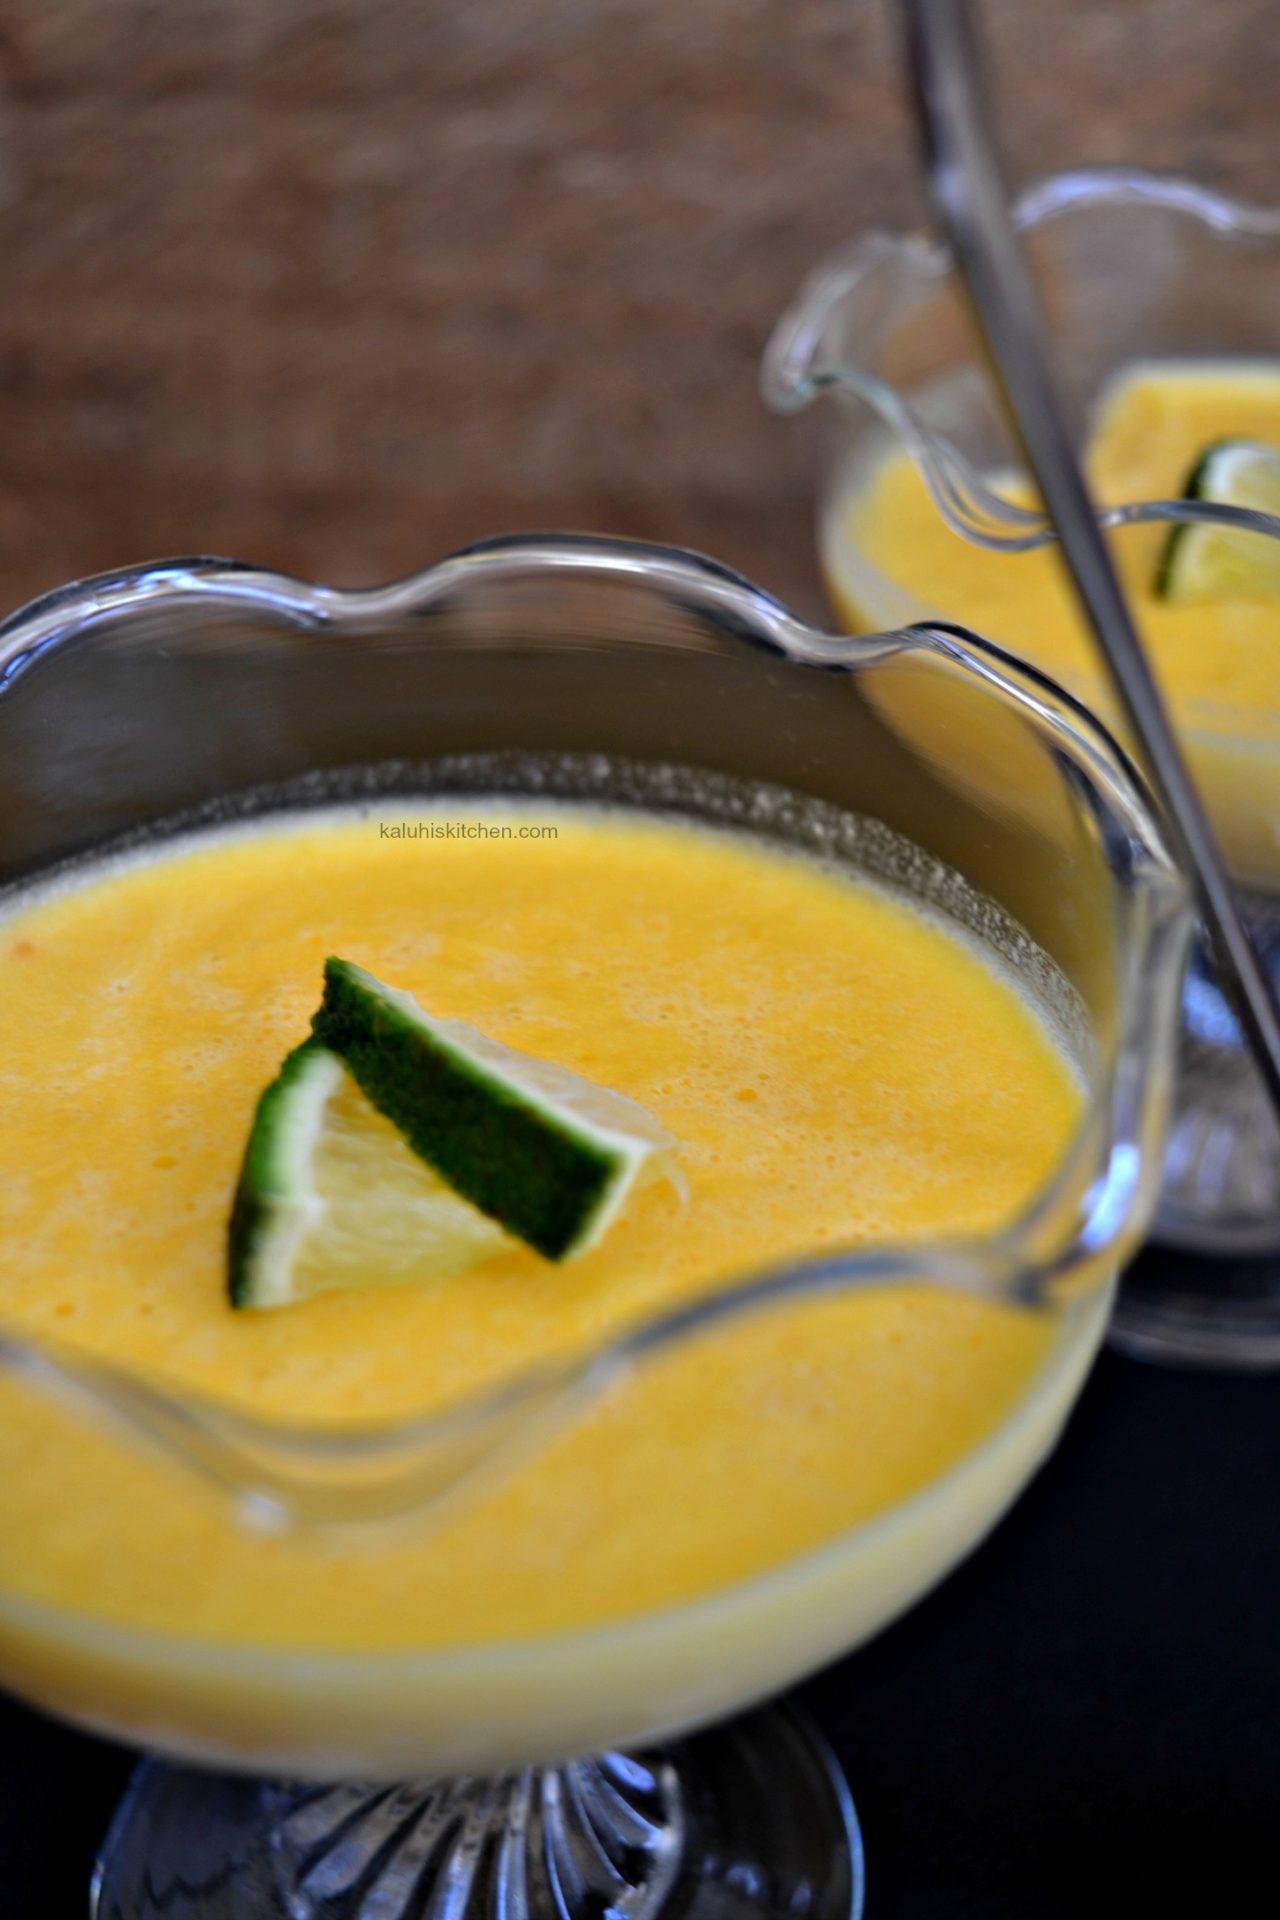 kenyan food_african food_kenyan food bloggers_african food bloggers_green mango posset_kaluhiskitchen.com